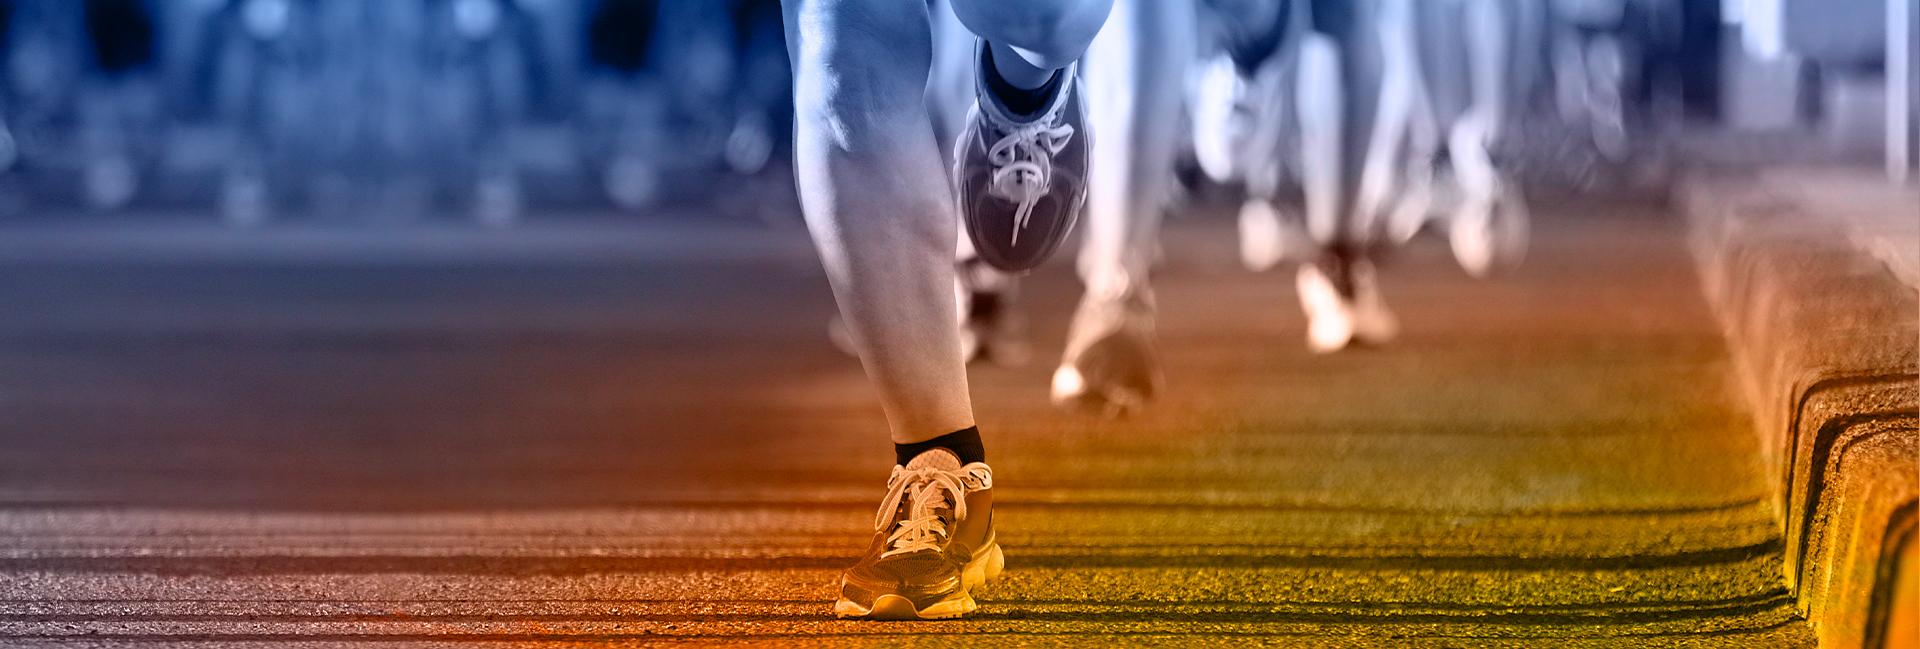 Acea Run Rome The Marathon: con il programma My First Run corri a Roma la tua maratona